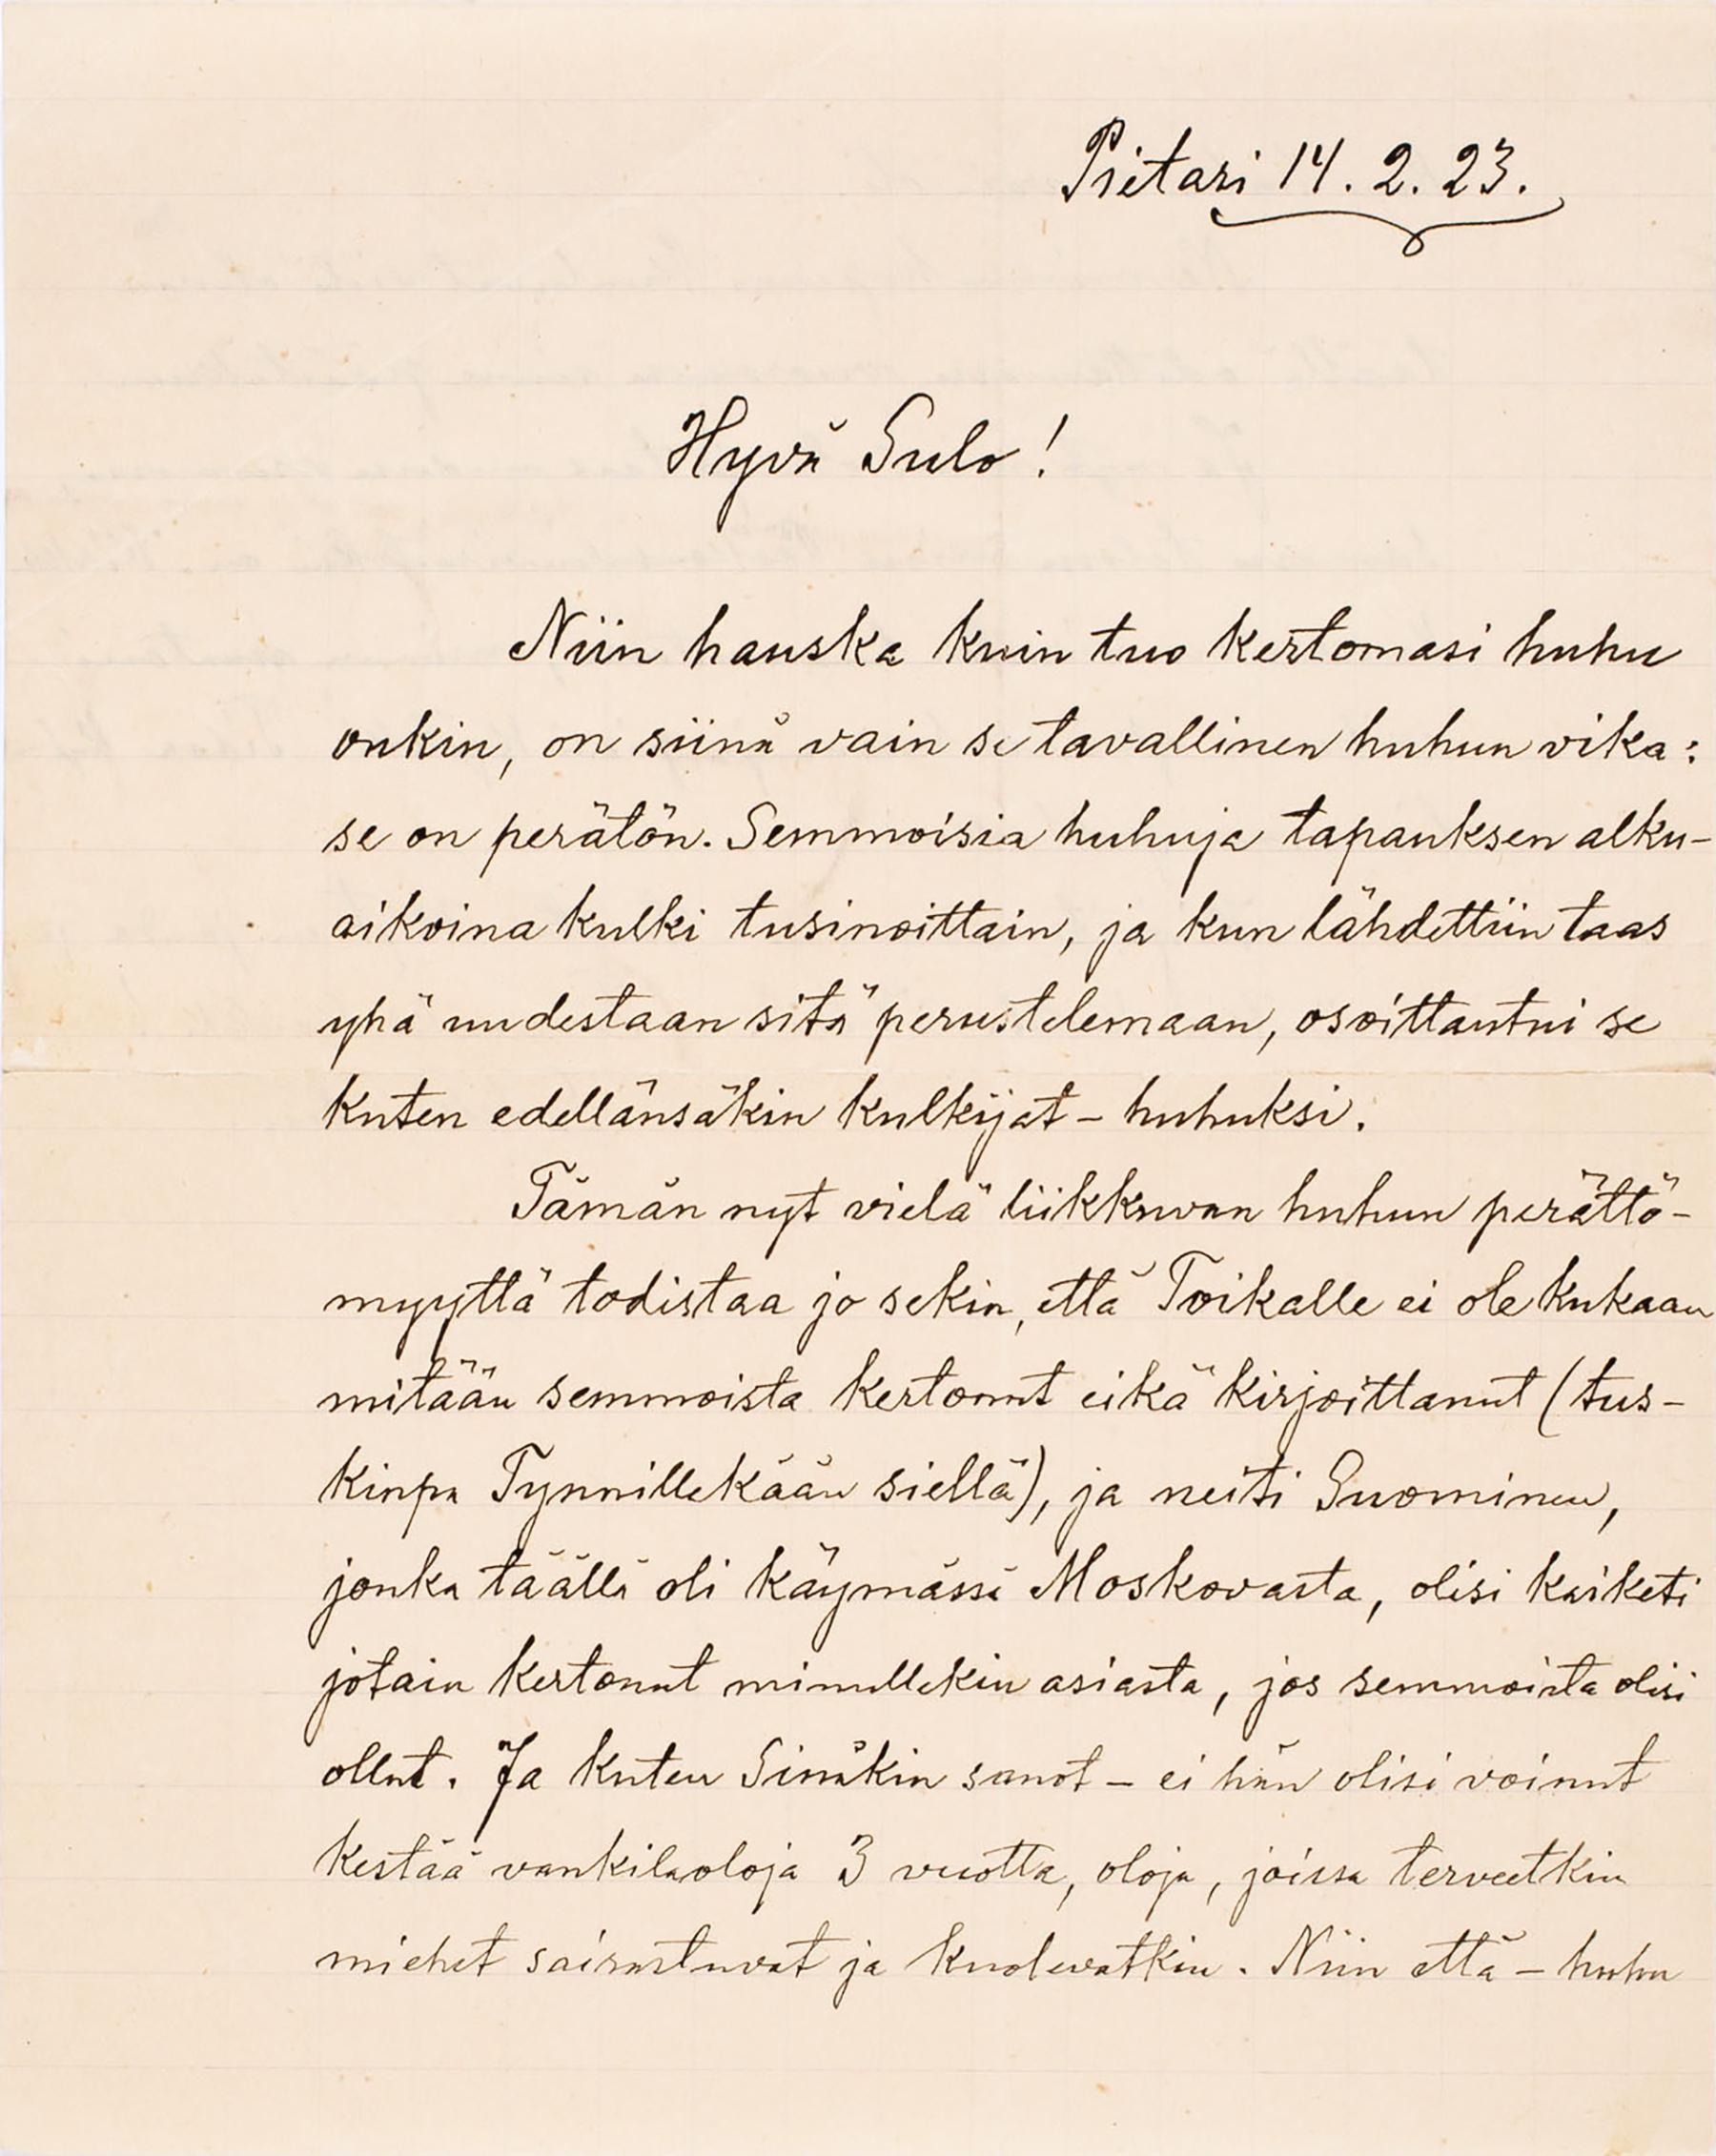 Sakari Putron kirje Sulo Putrolle 14.2.1923. SKS KIA, Putro-suvun arkisto. CC BY 4.0